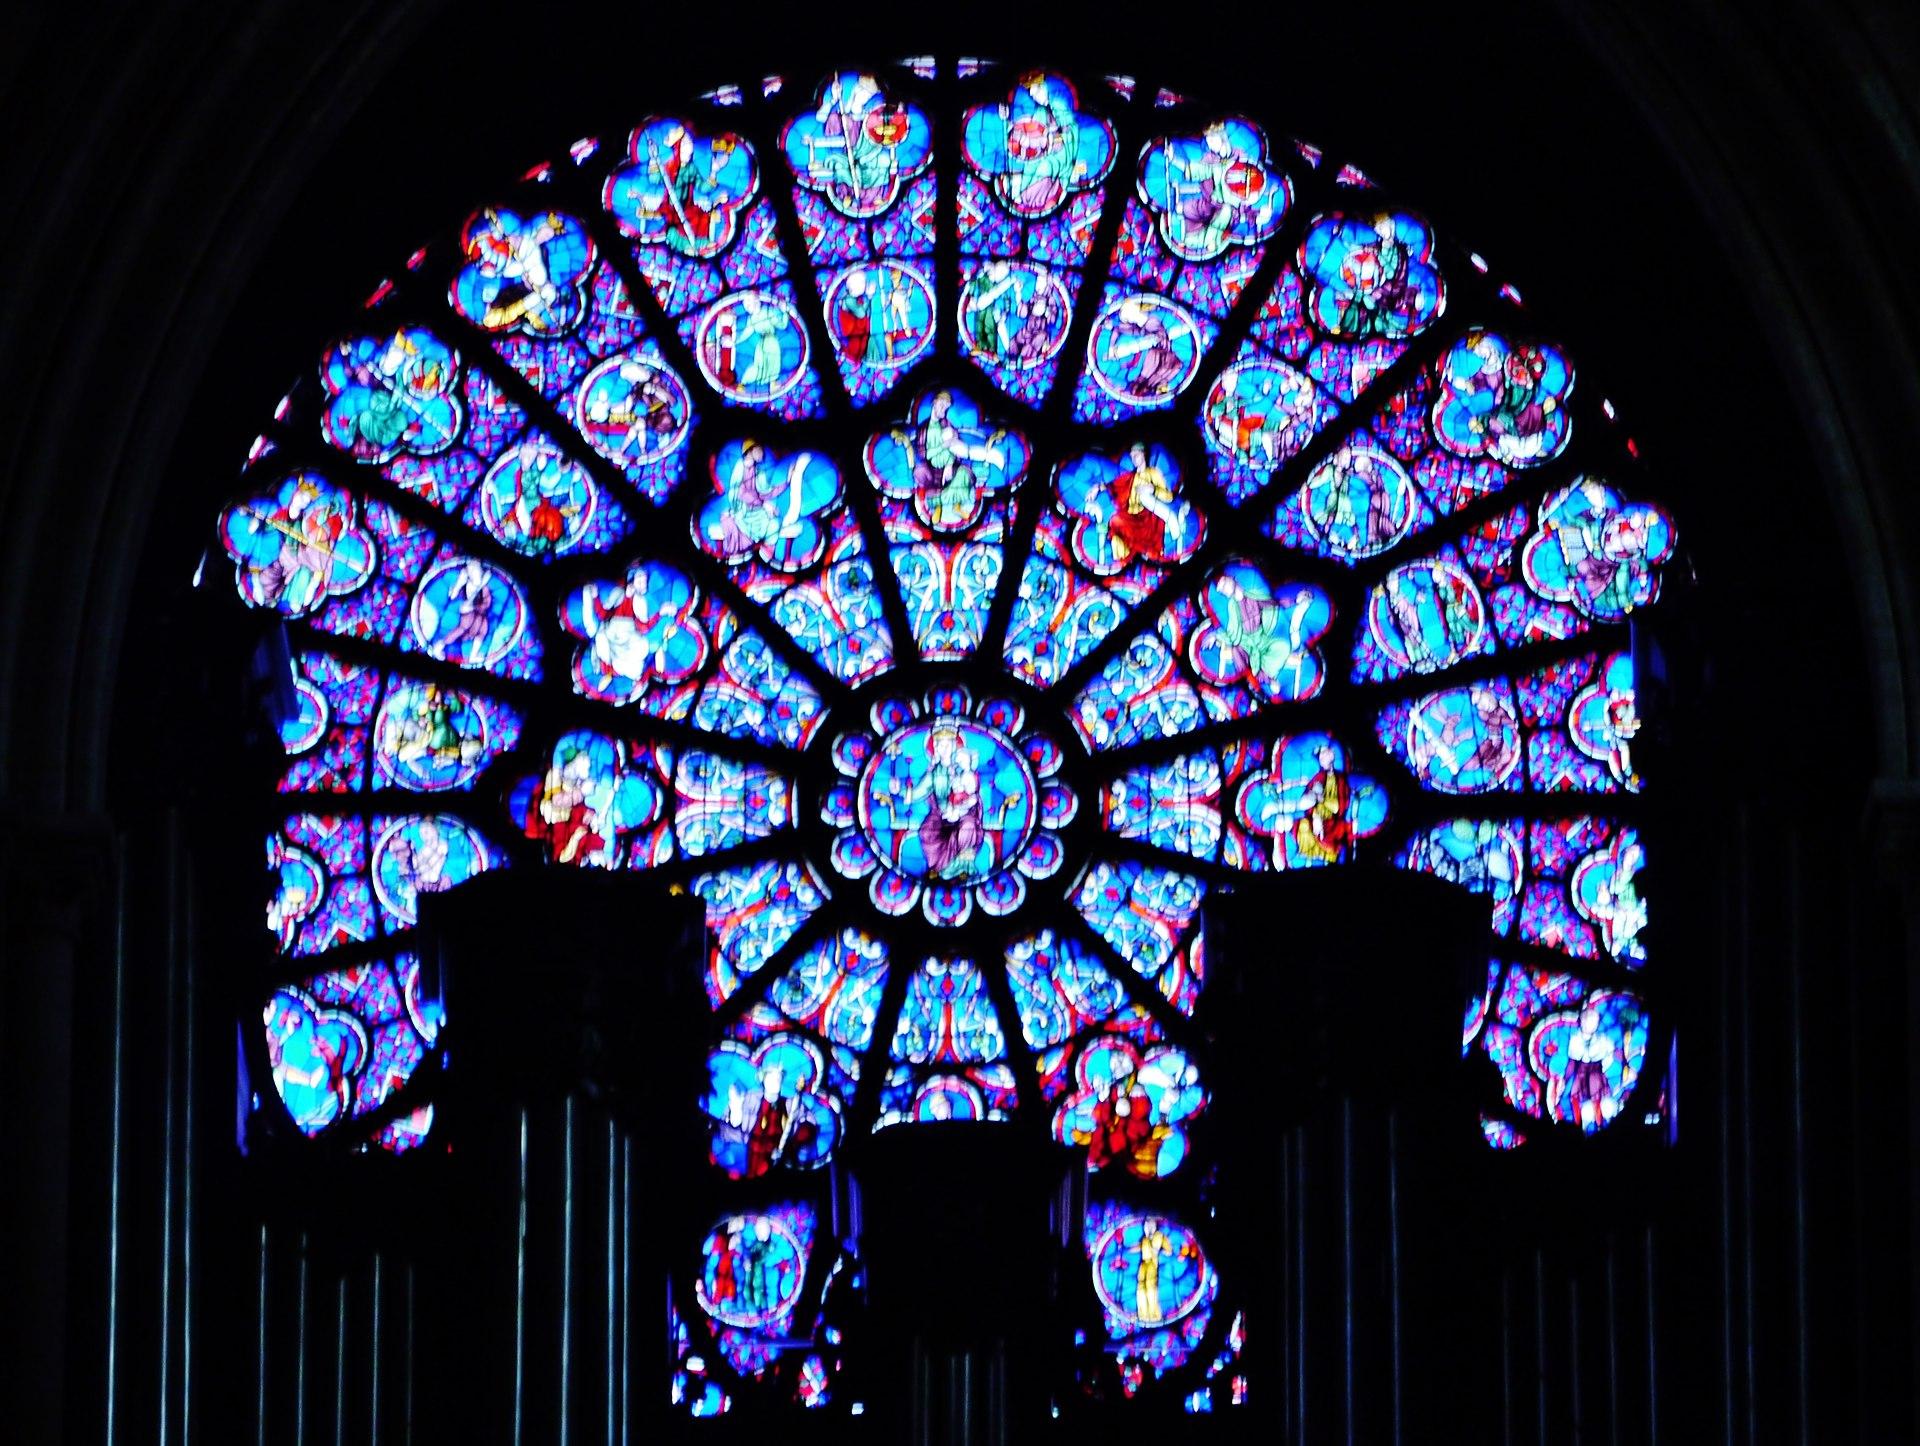 1920px-Paris_Cath%C3%A9drale_Notre-Dame_